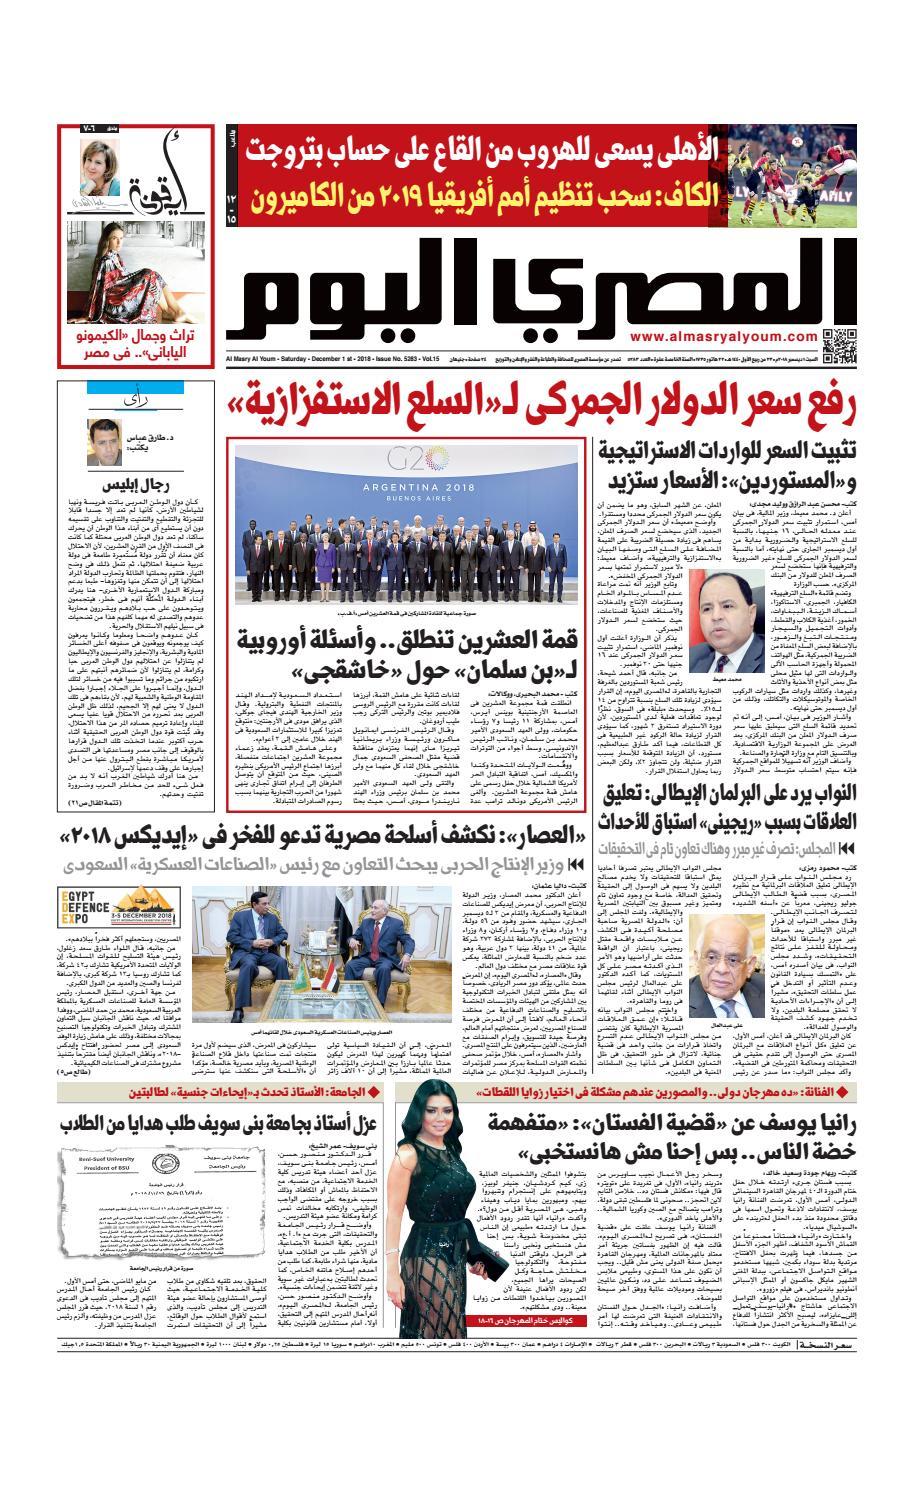 056ae8bdddd60 عدد السبت 01-12-2018 by Al Masry Media Corp - issuu